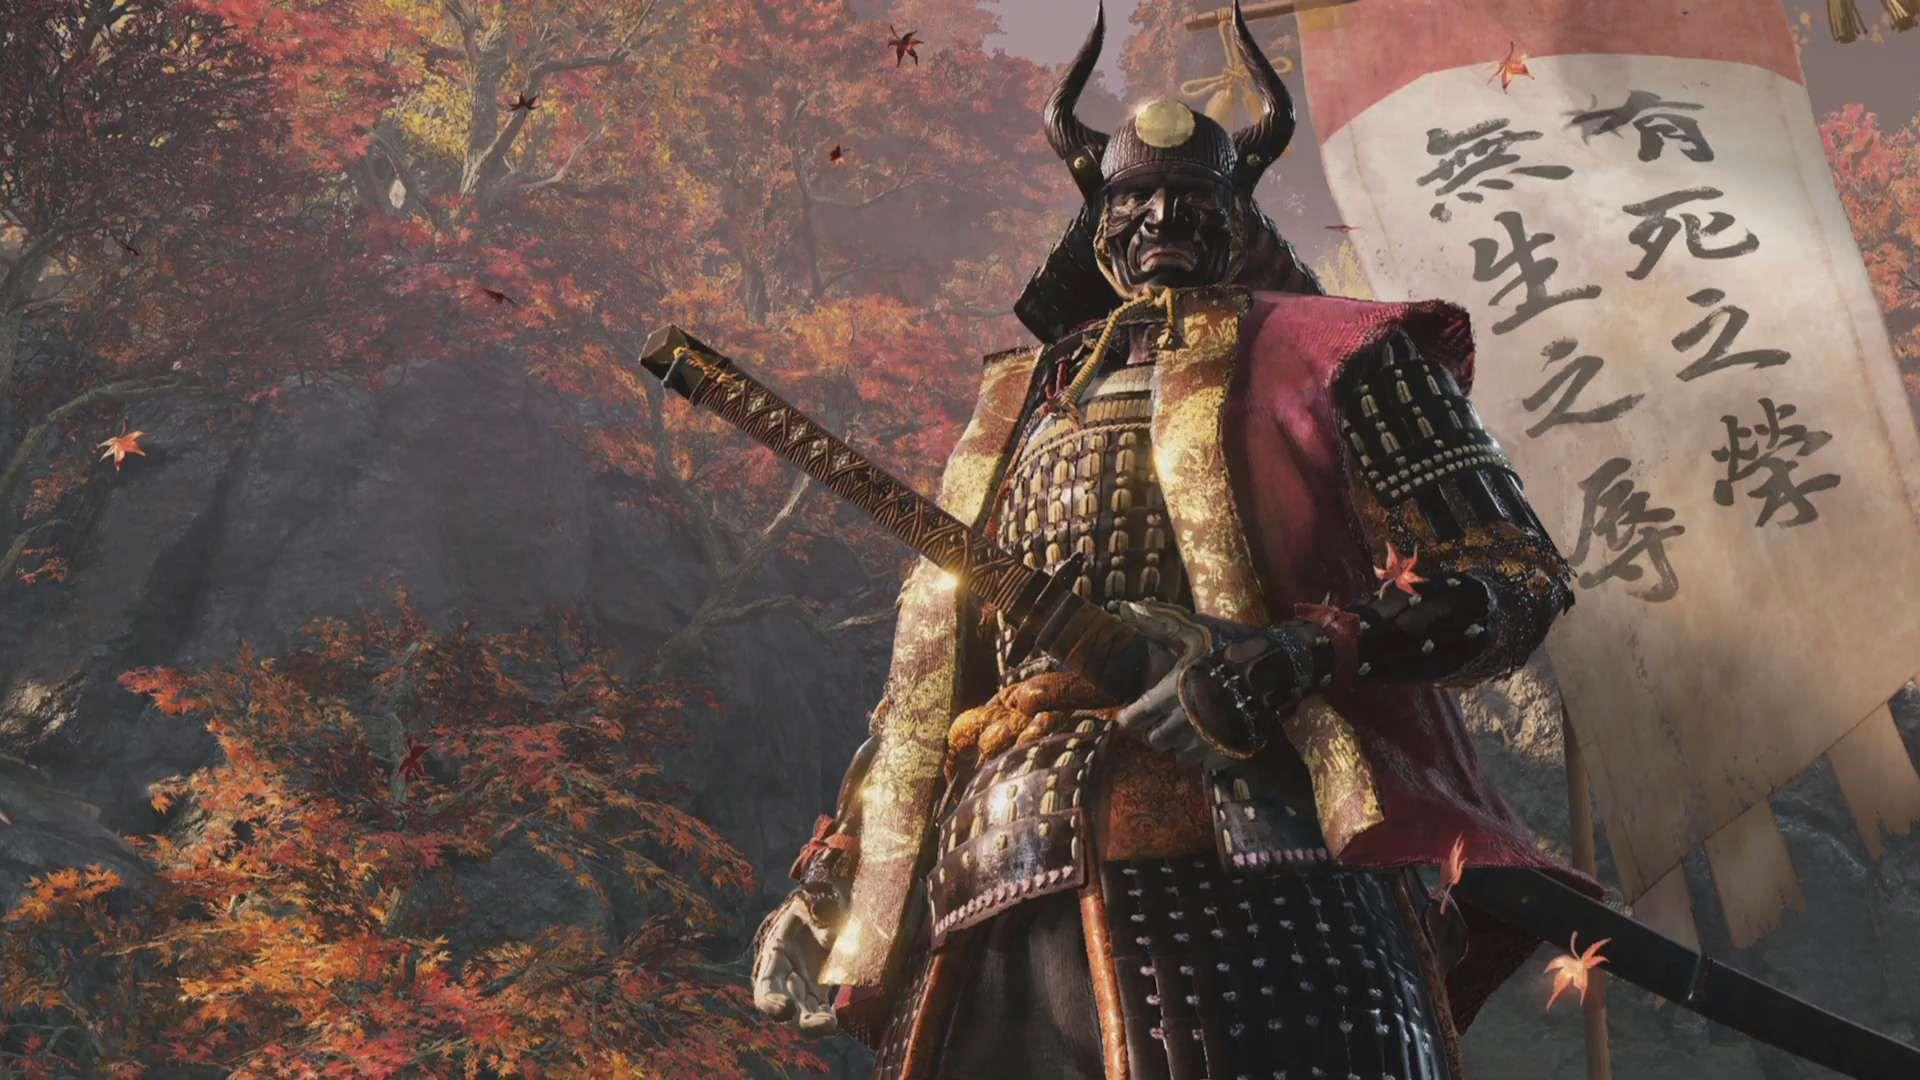 Sekiro Shadows Die Twice Wallpaper Hd Samourai Carte